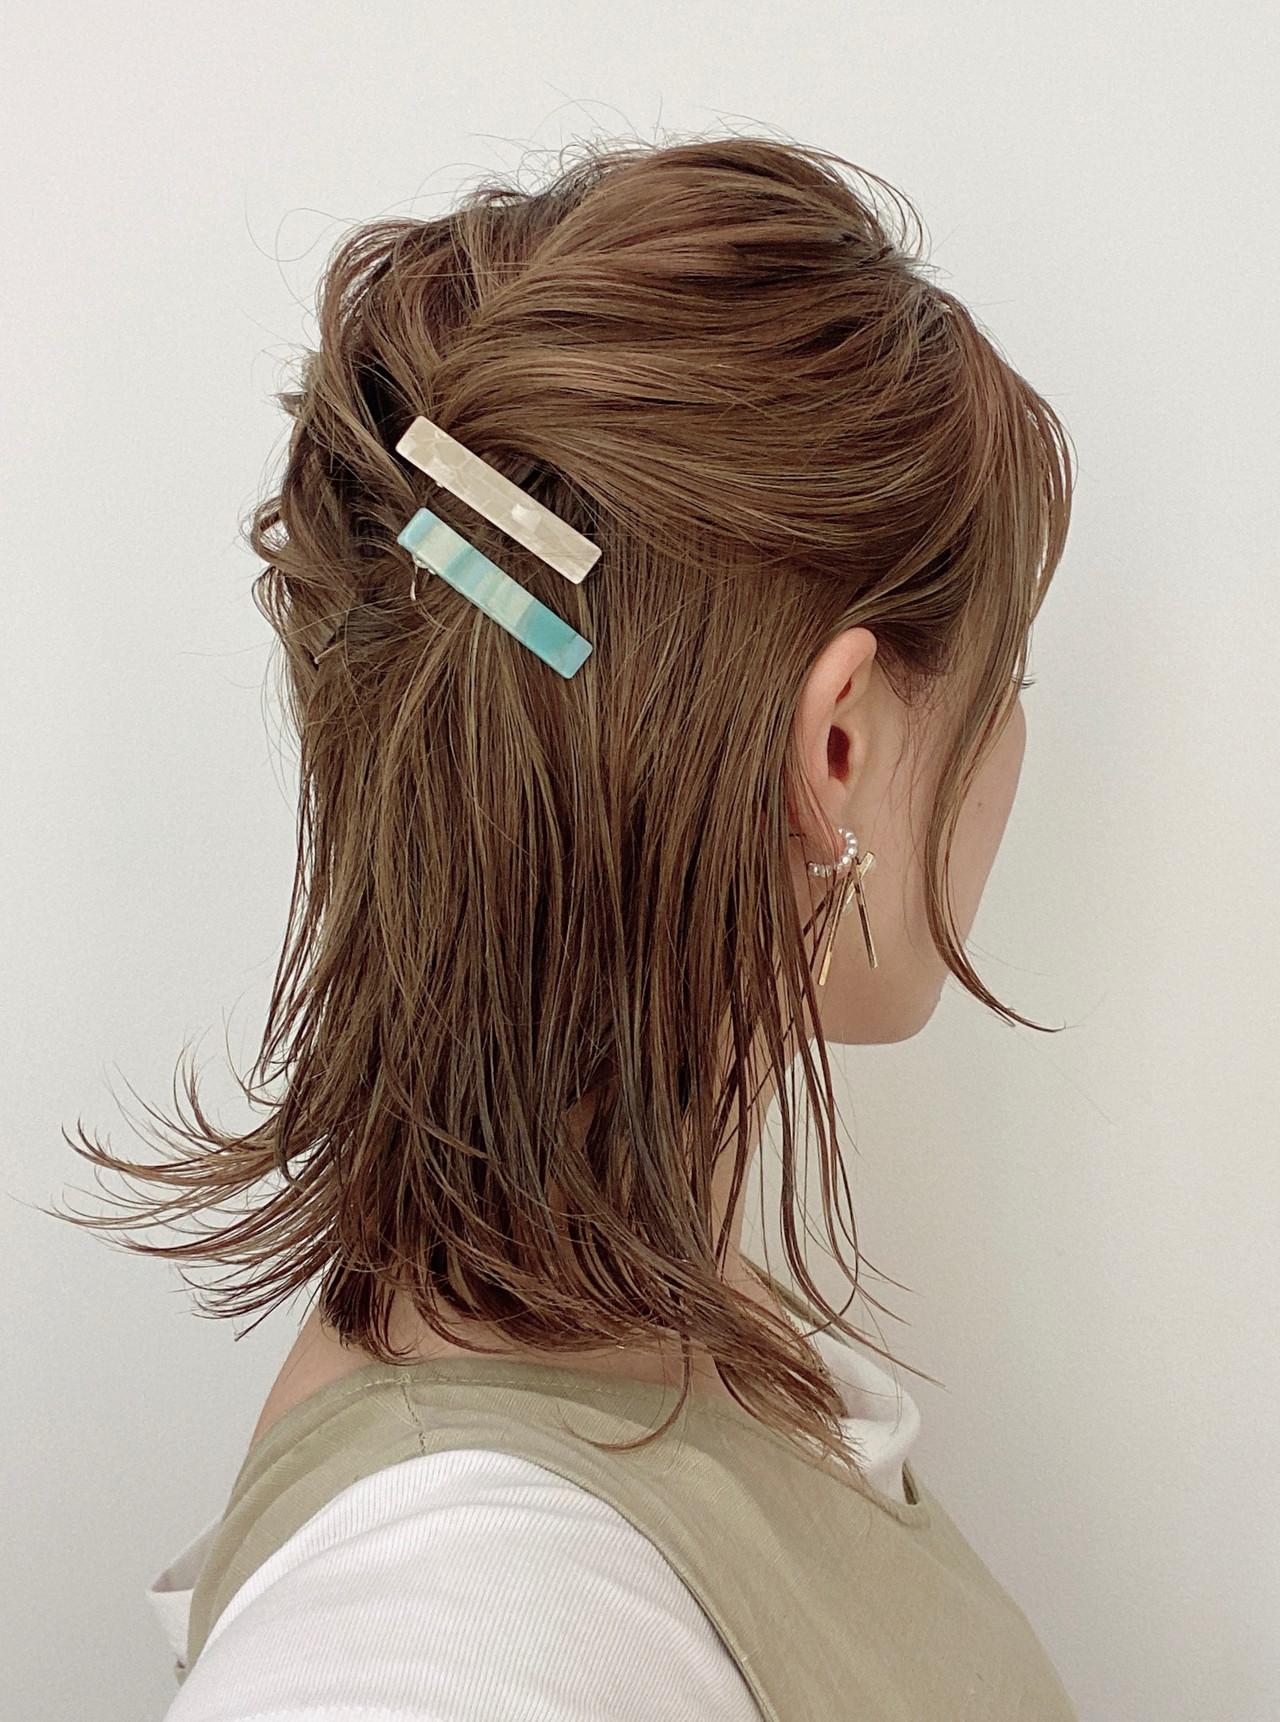 ハーフアップ ナチュラル セルフヘアアレンジ ヘアアレンジ ヘアスタイルや髪型の写真・画像